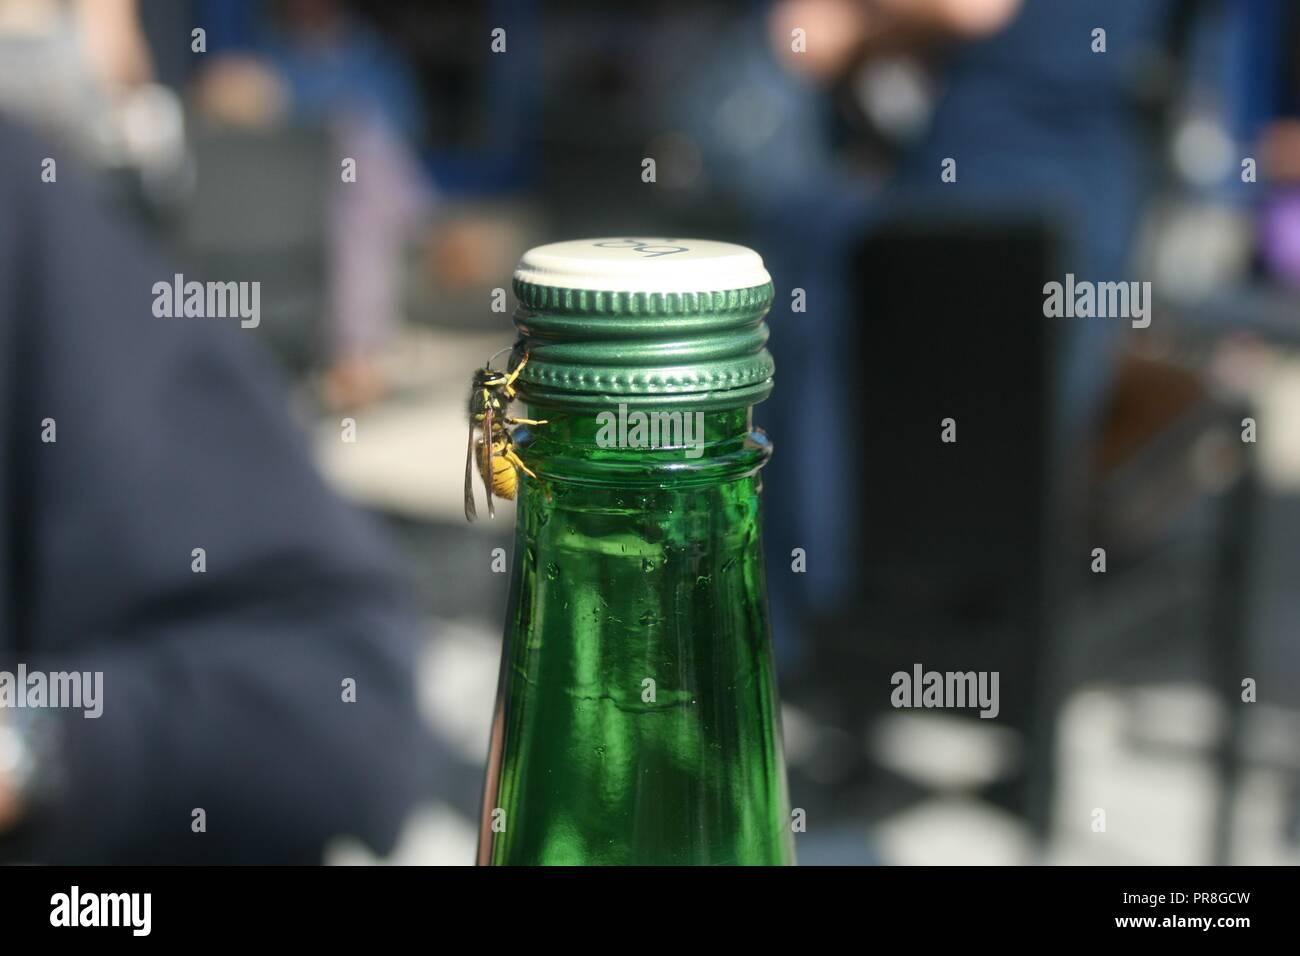 Wasp on bottle - Stock Image